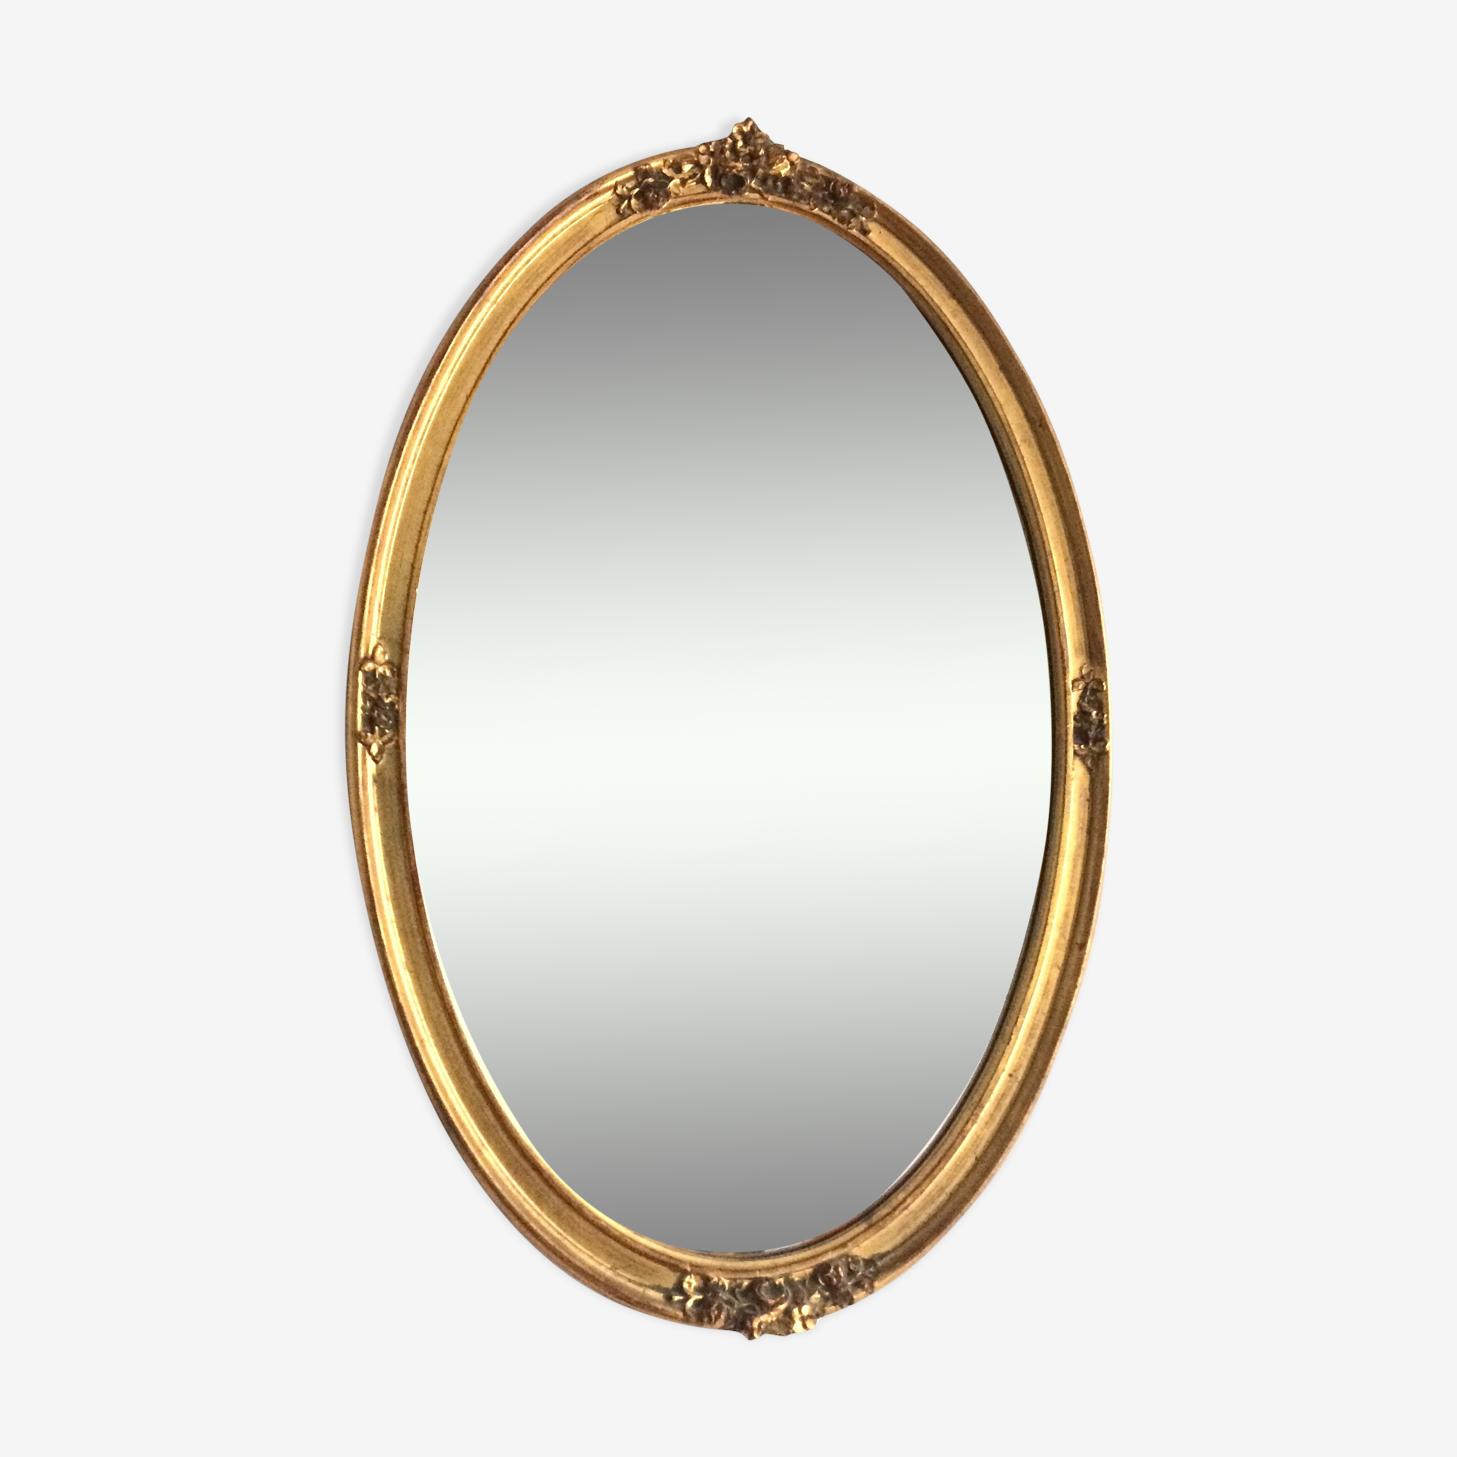 XX mirror 64,5X42,5cm